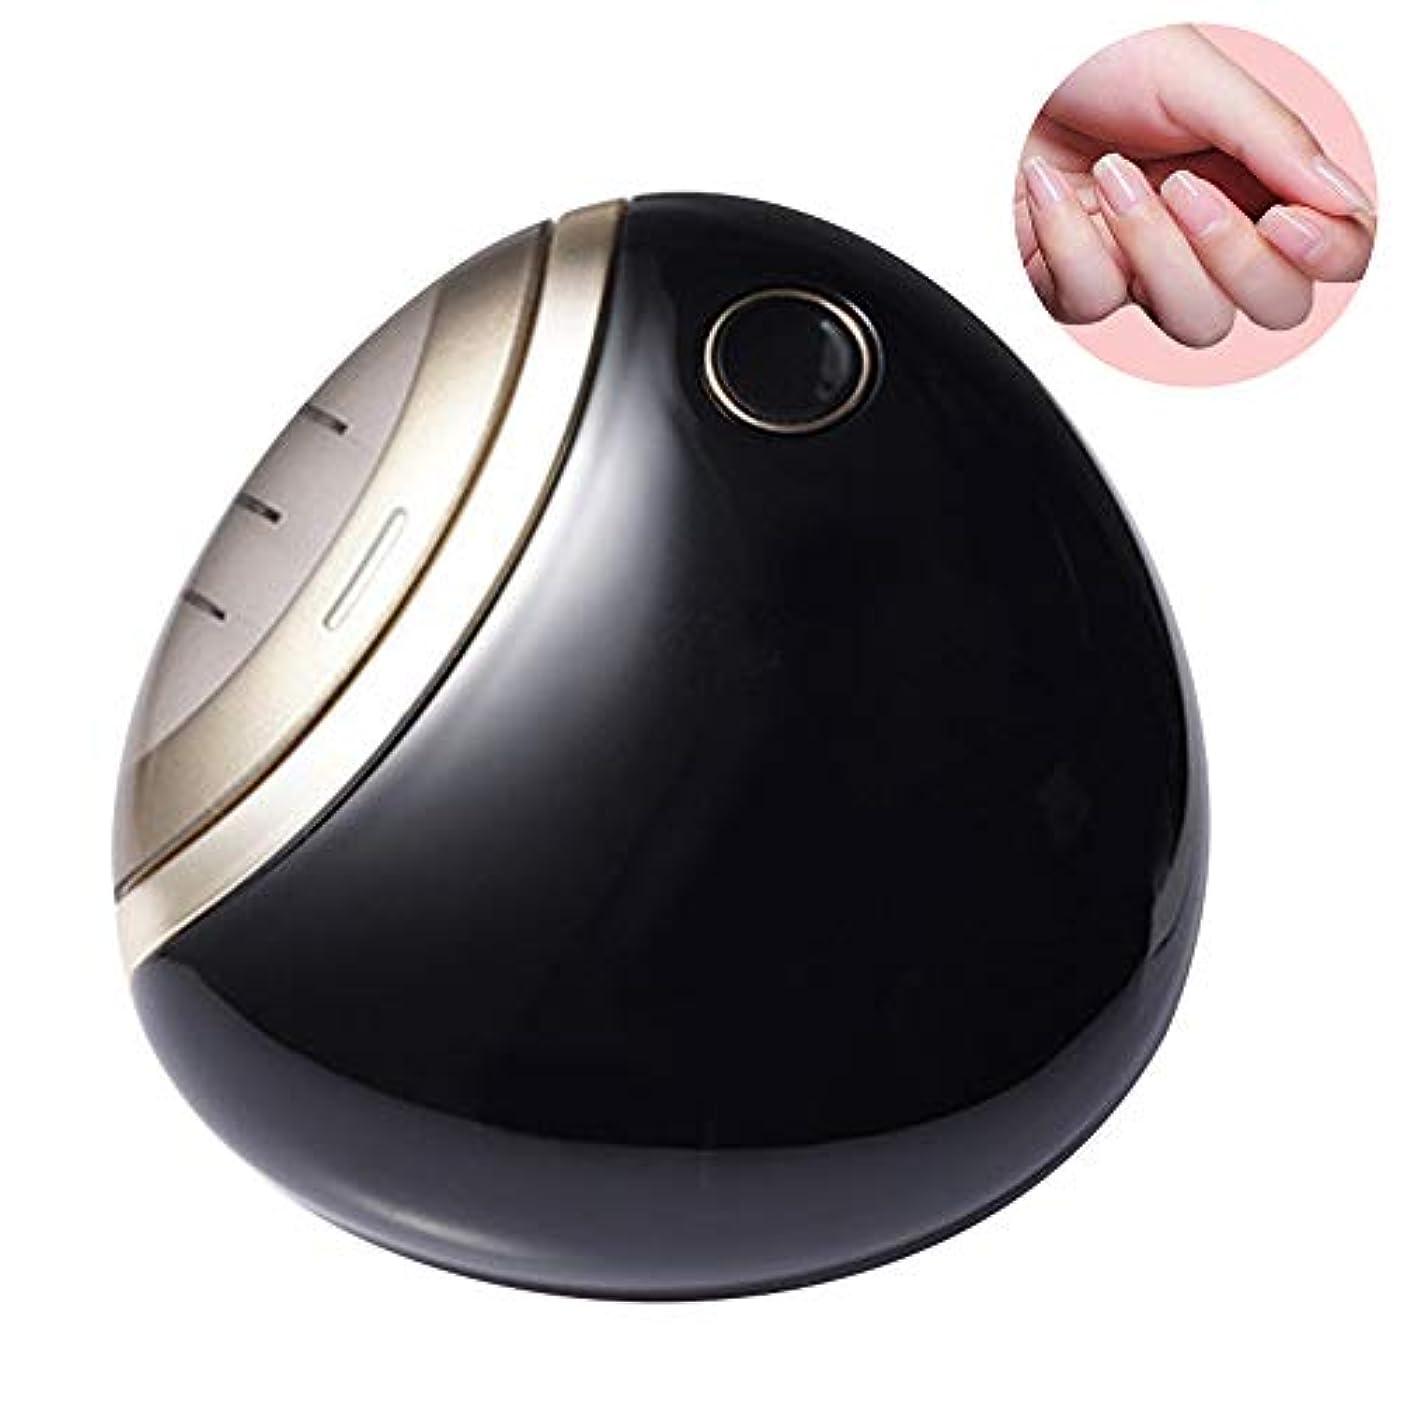 手順宙返り普及電動爪切り 電動ネイルケア 自動爪切り USB充電式 二段階スピート コンパクト 爪磨き 安全安心 日本語取扱書 プレゼント 男女兼用 (ブラック)